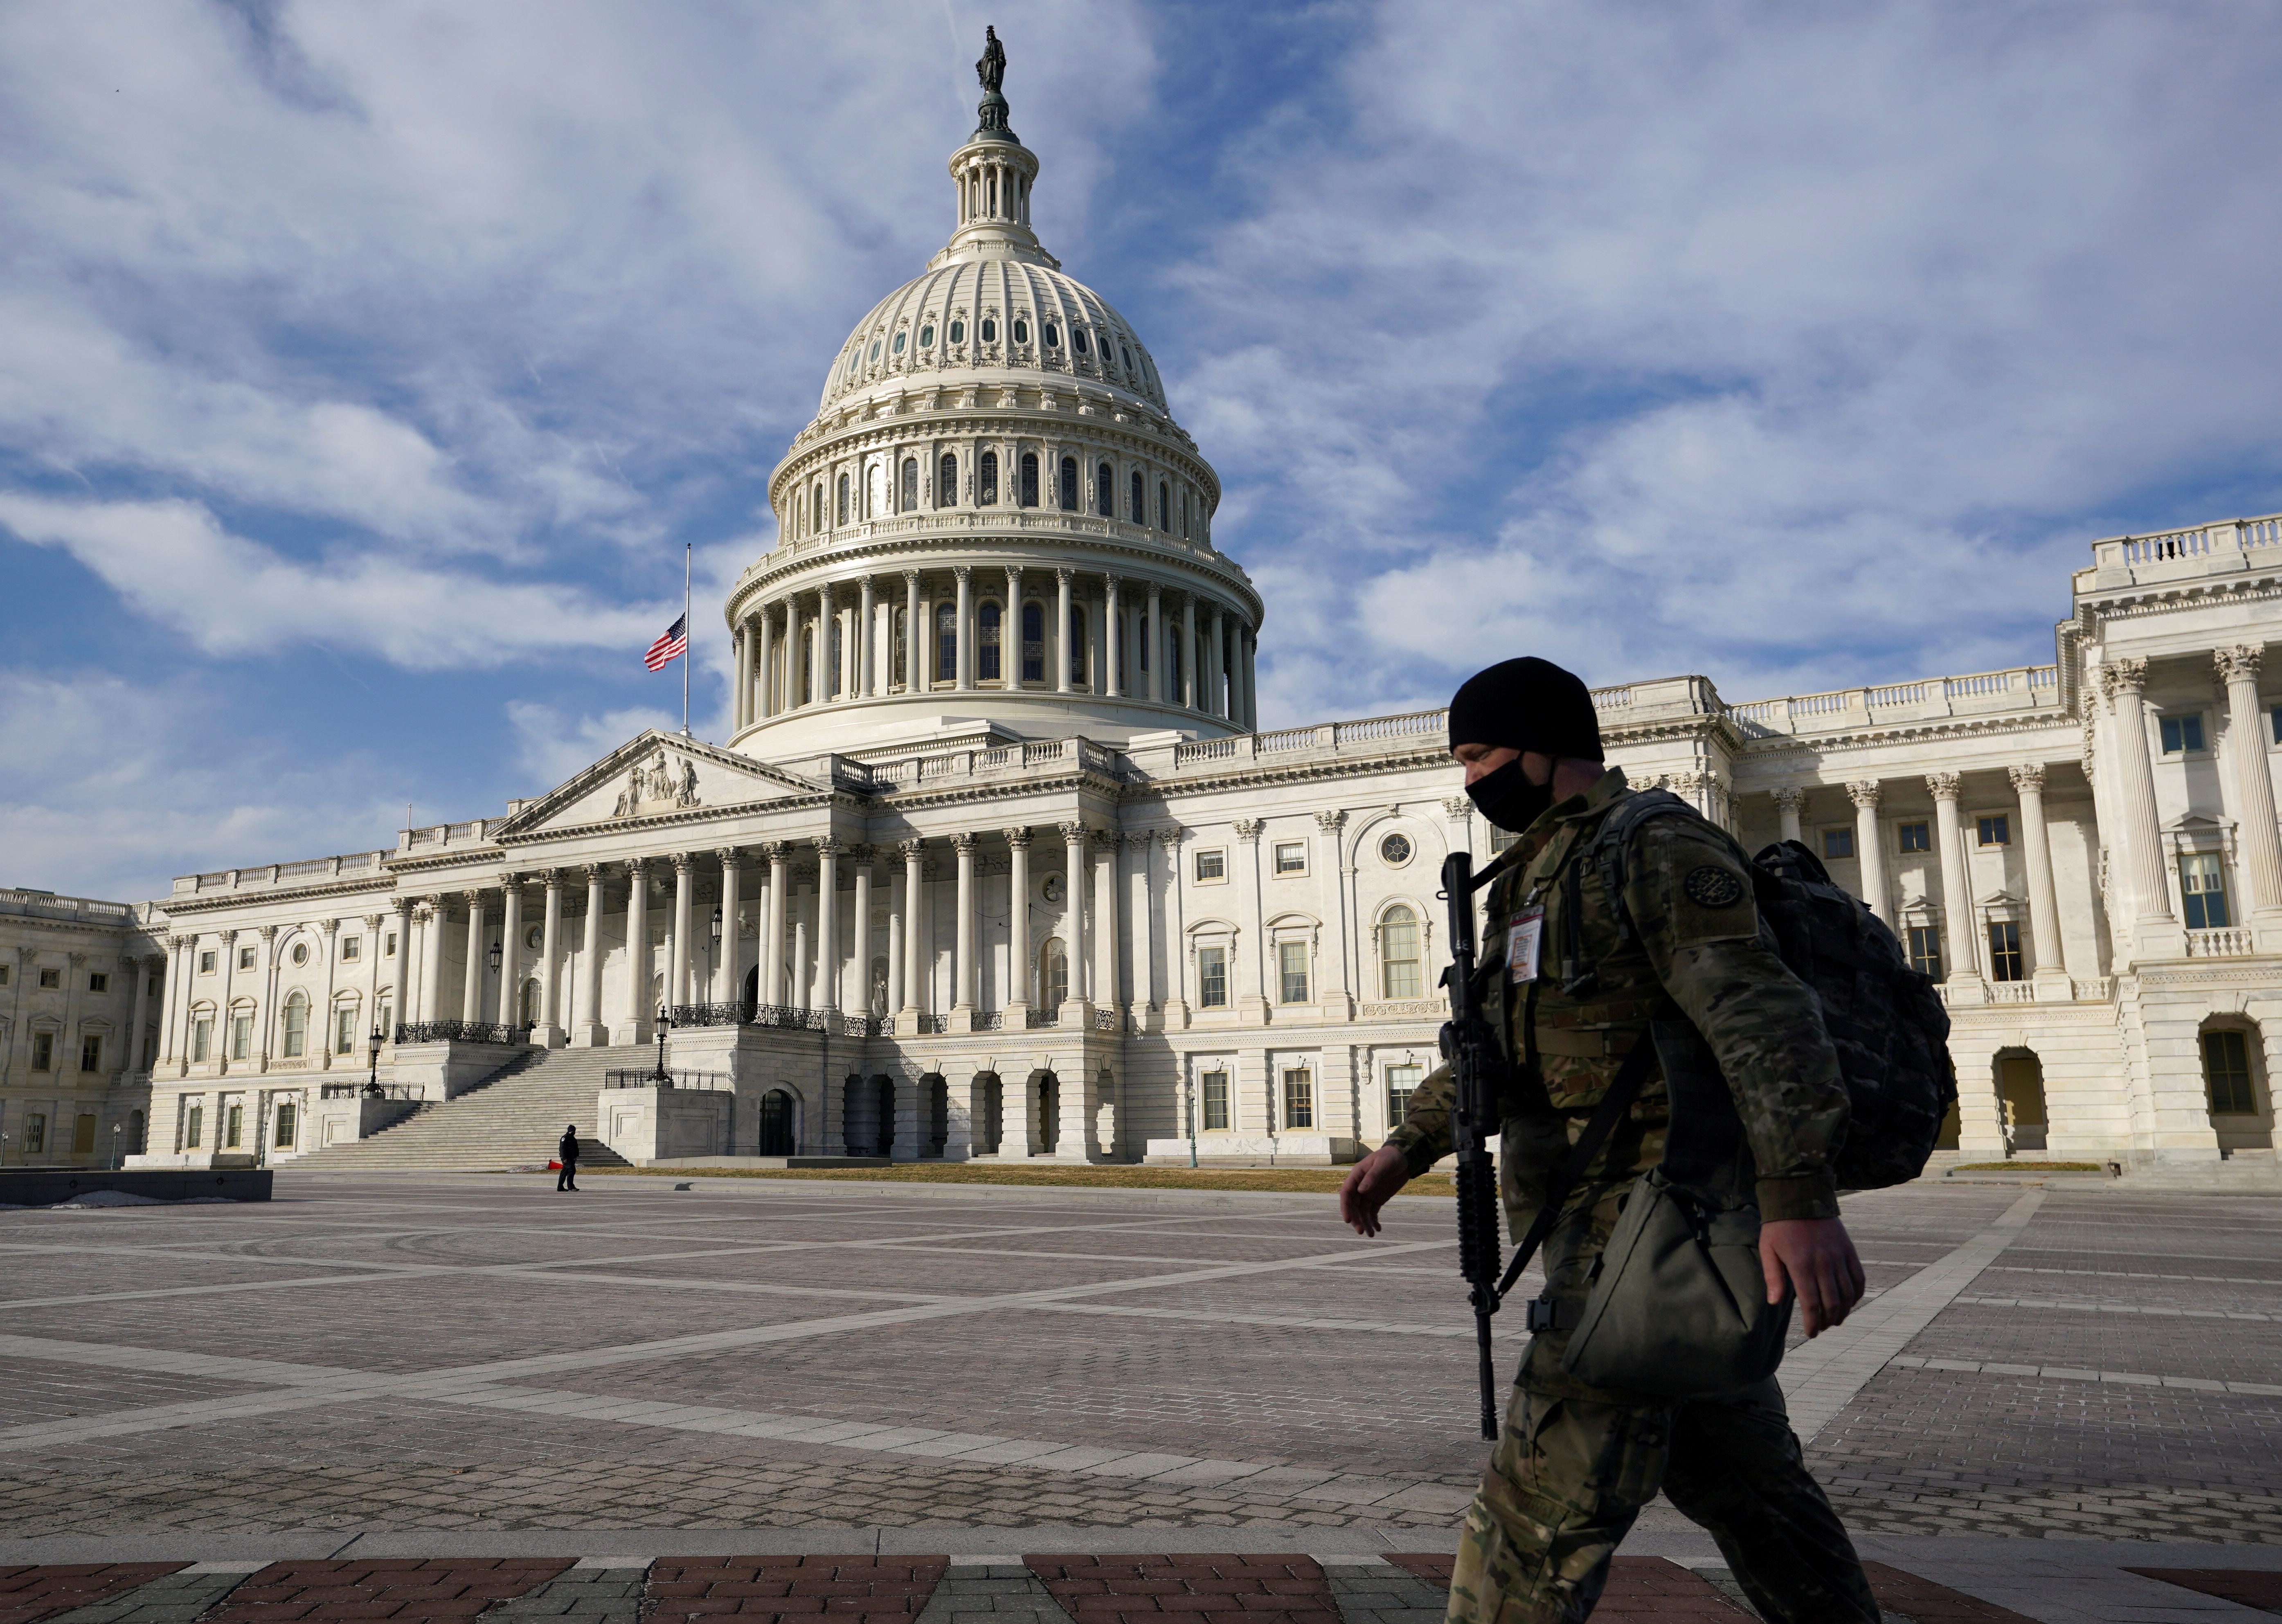 Pläne von Extremisten: US-Behörden warnen vor neuem Angriff auf das Kapitol